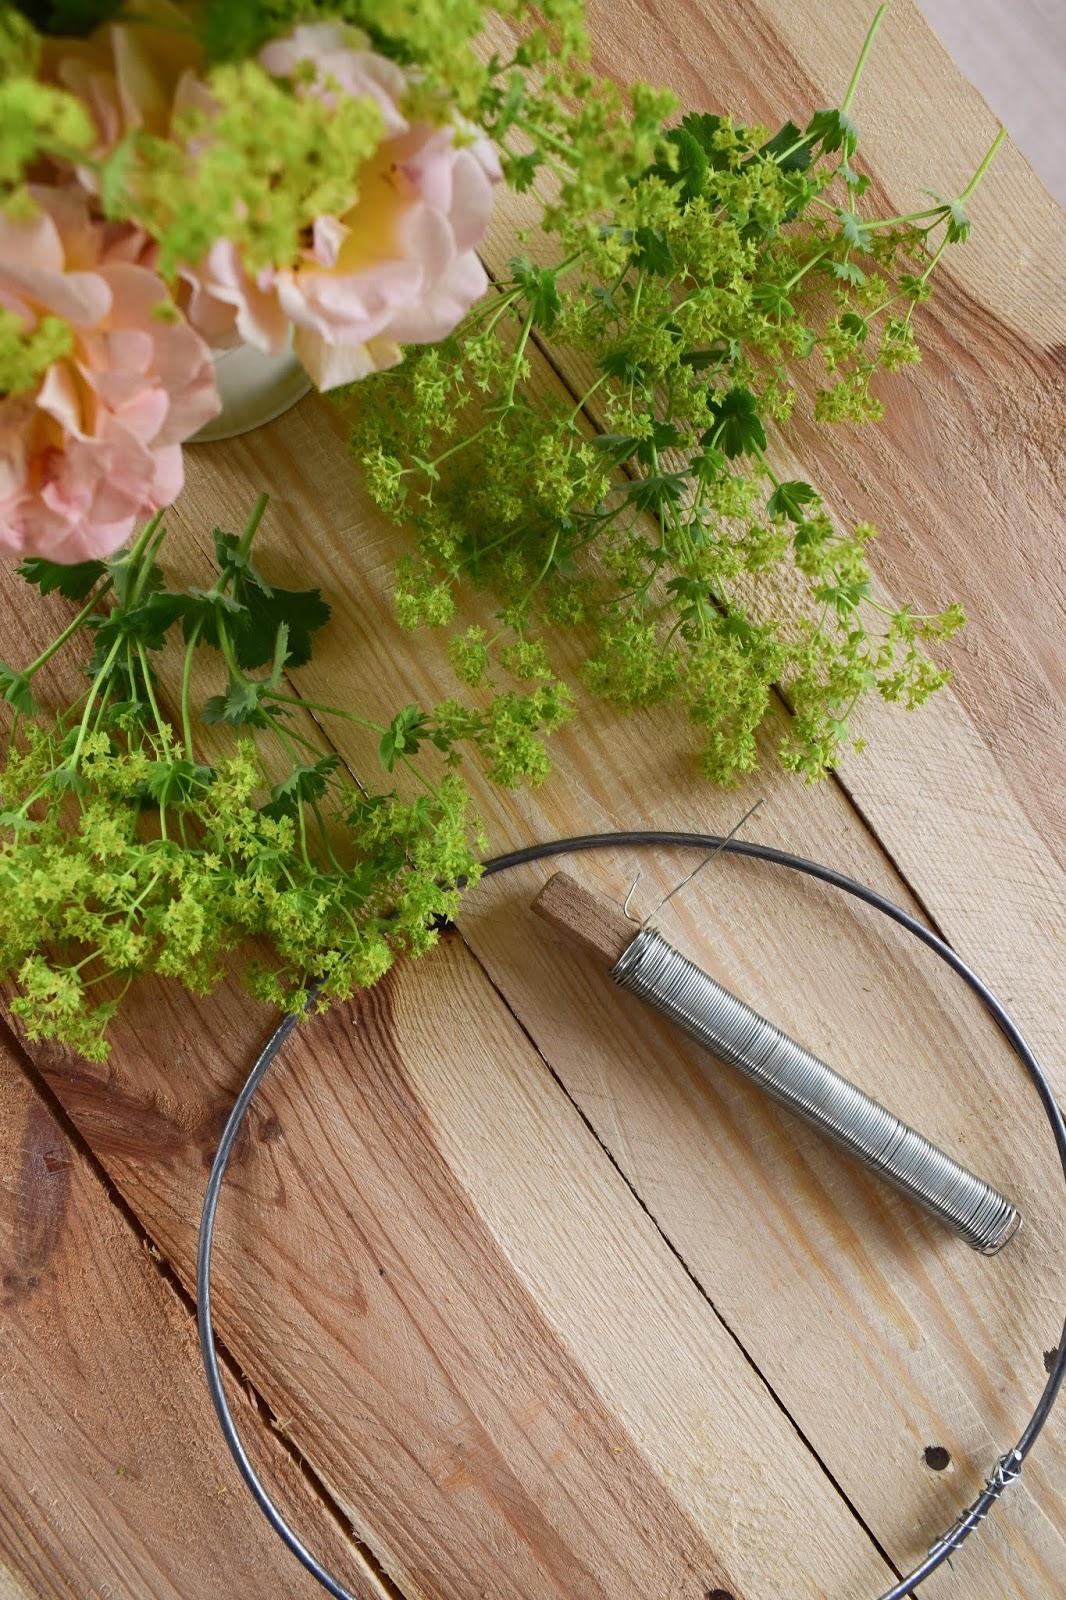 Frauenmantel Deko: Kranz binden für den Sommer. Anleitung für einen natürlichen Kranz aus Naturmaterialien. Einfach selber machen: Naturdeko Kränze für Sommer und Herbst aus dem Garten